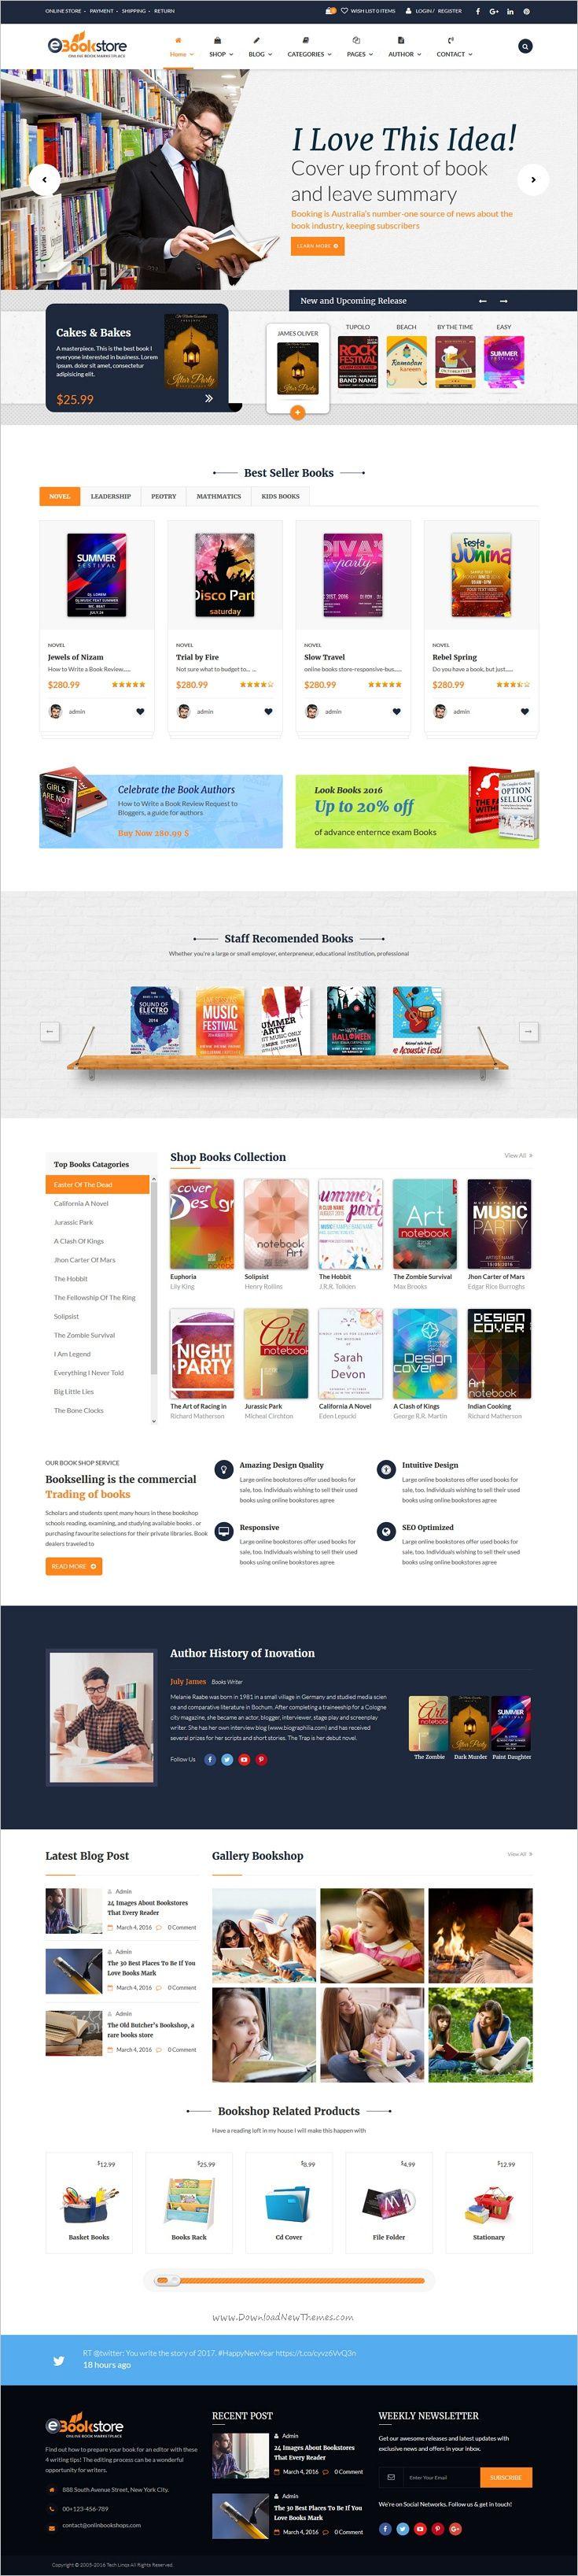 Best 25+ Ecommerce websites ideas on Pinterest